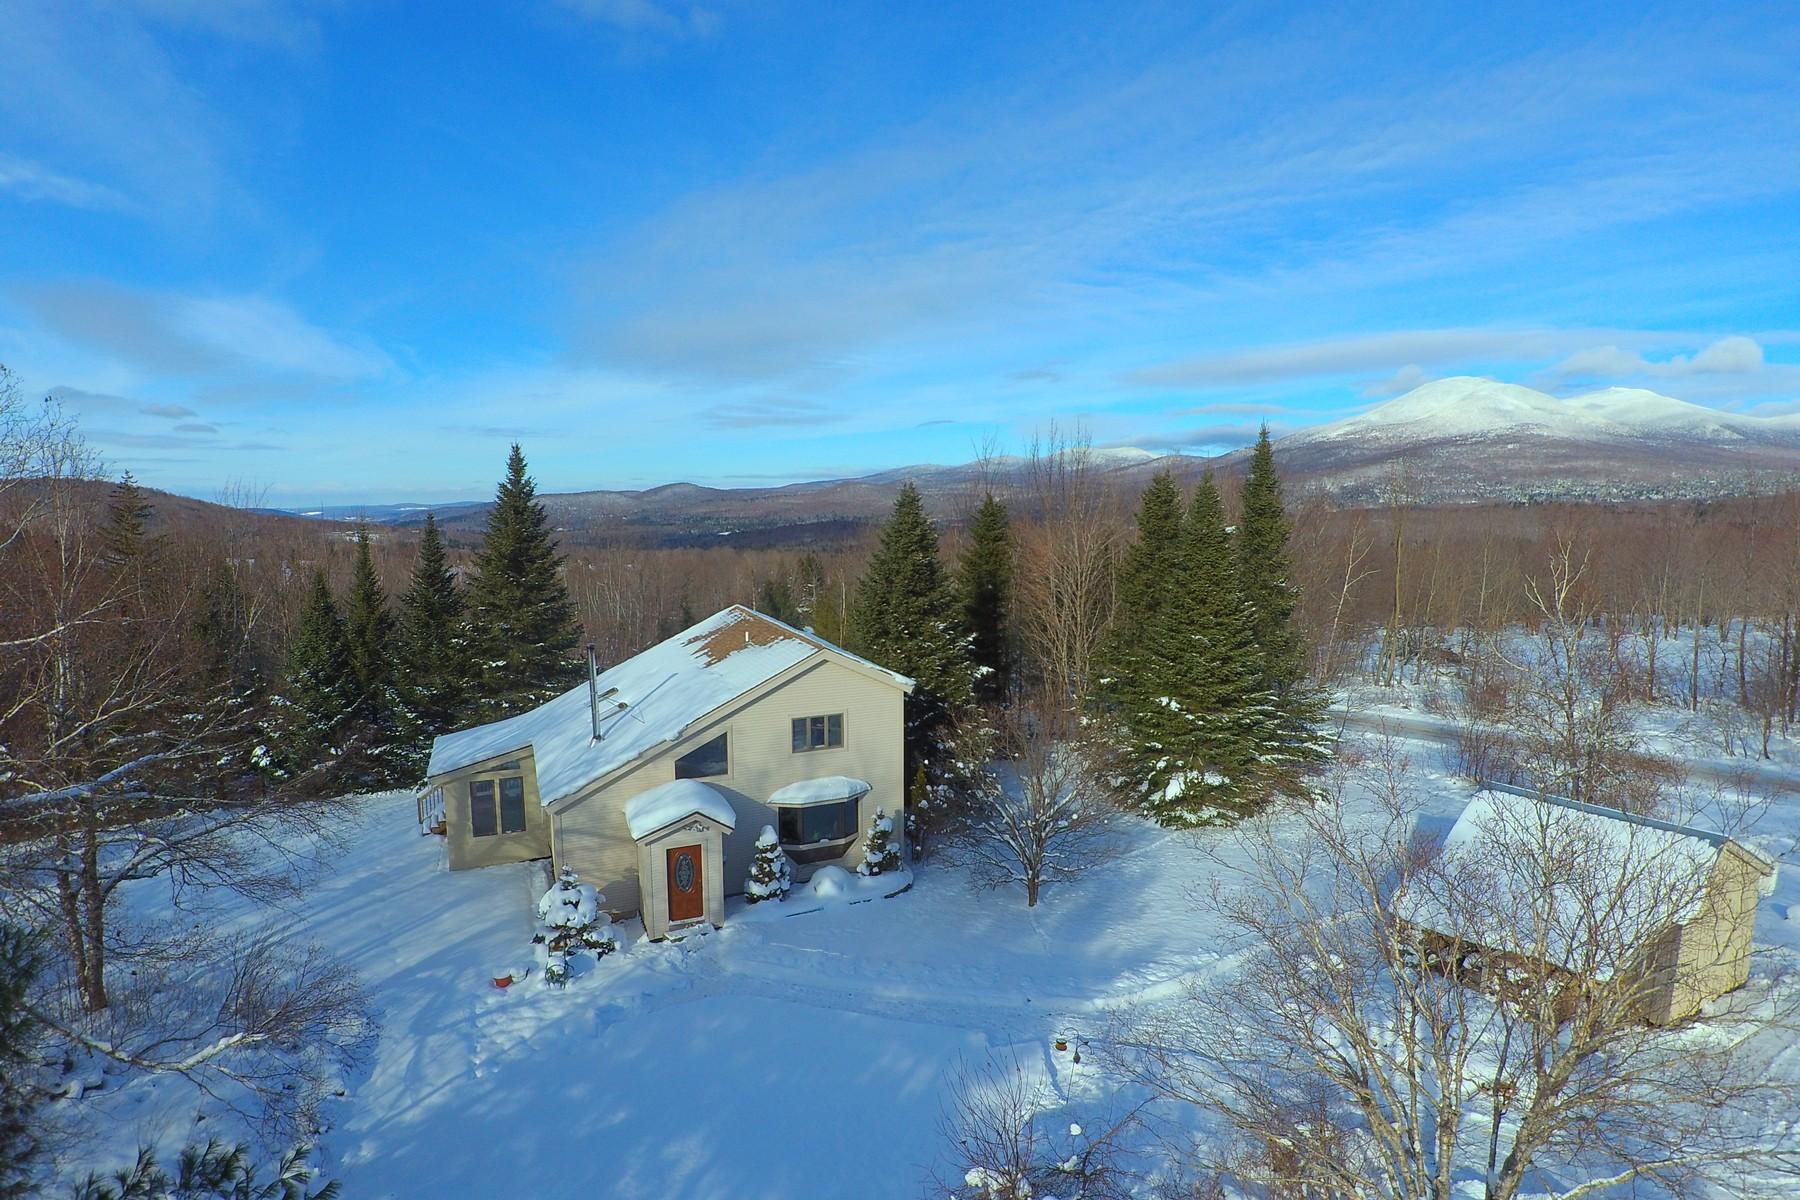 Casa Unifamiliar por un Venta en Hazen's Notch Road 3084 Hazen's Notch Rd Montgomery, Vermont, 05471 Estados Unidos